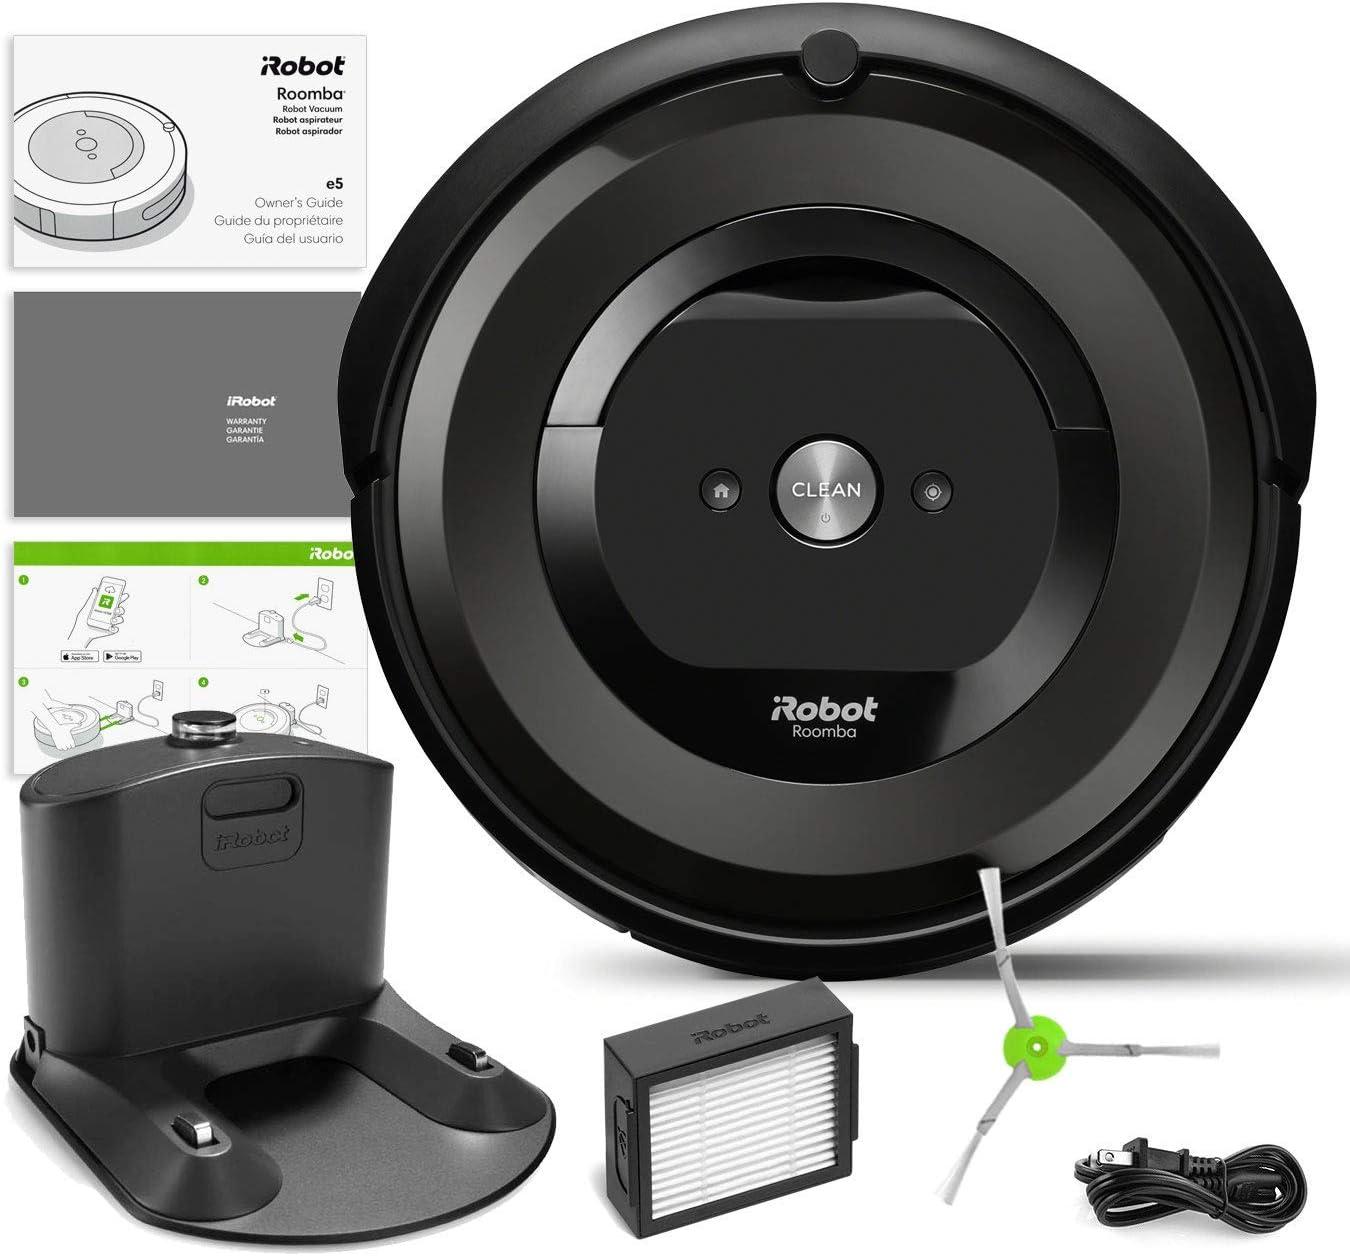 iRobot Roomba e5 (5150) Robot aspiradora Bundle Wi-Fi conectado, compatible con Alexa, ideal para pelo de mascotas, alfombras, duro, auto carga (+1 cepillo extra de barrido, 1 filtro extra): Amazon.es: Hogar